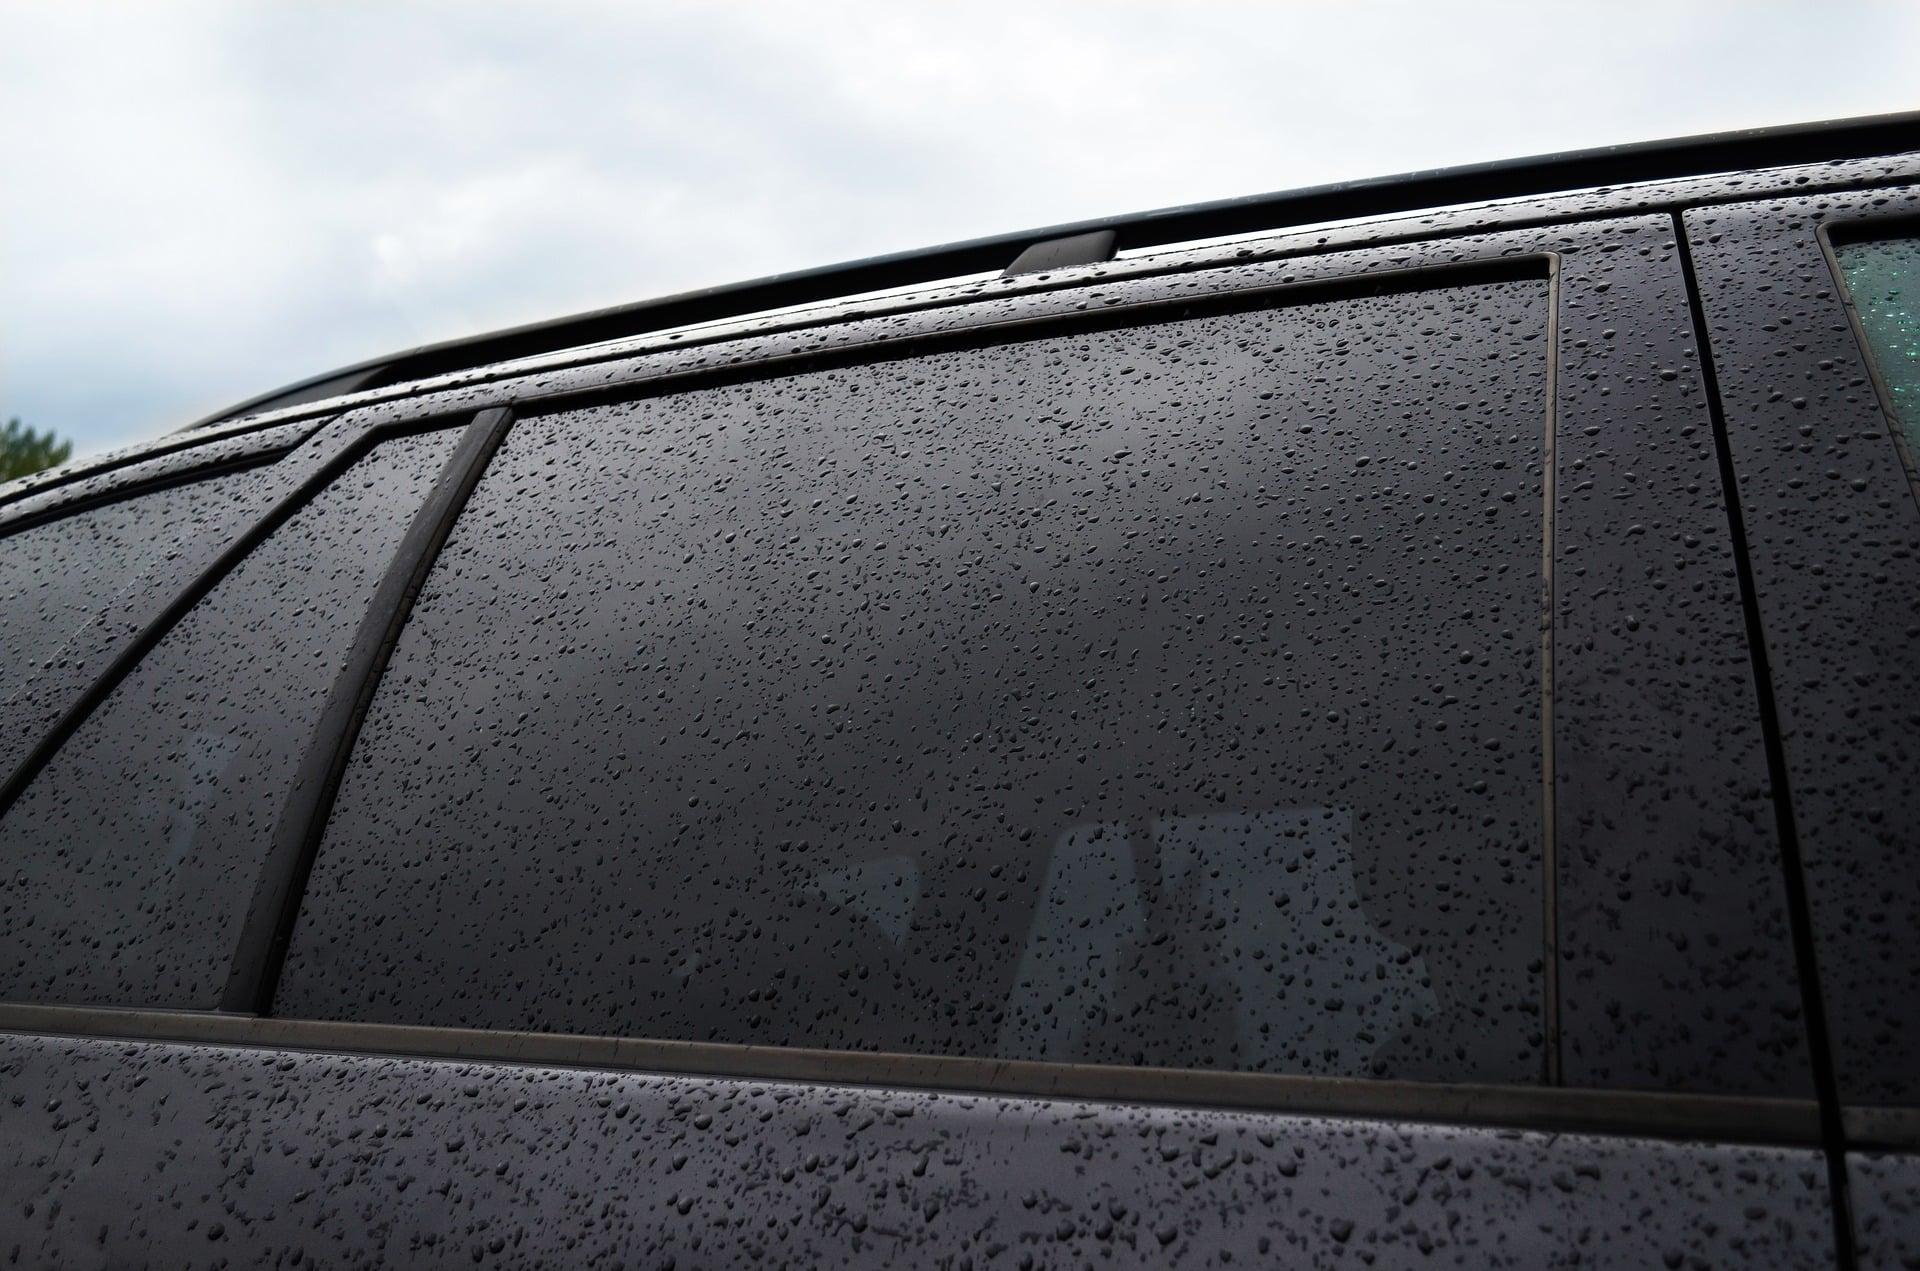 Folia samoprzylepna do przyciemniania okien w samochodzie i nie tylko! 8